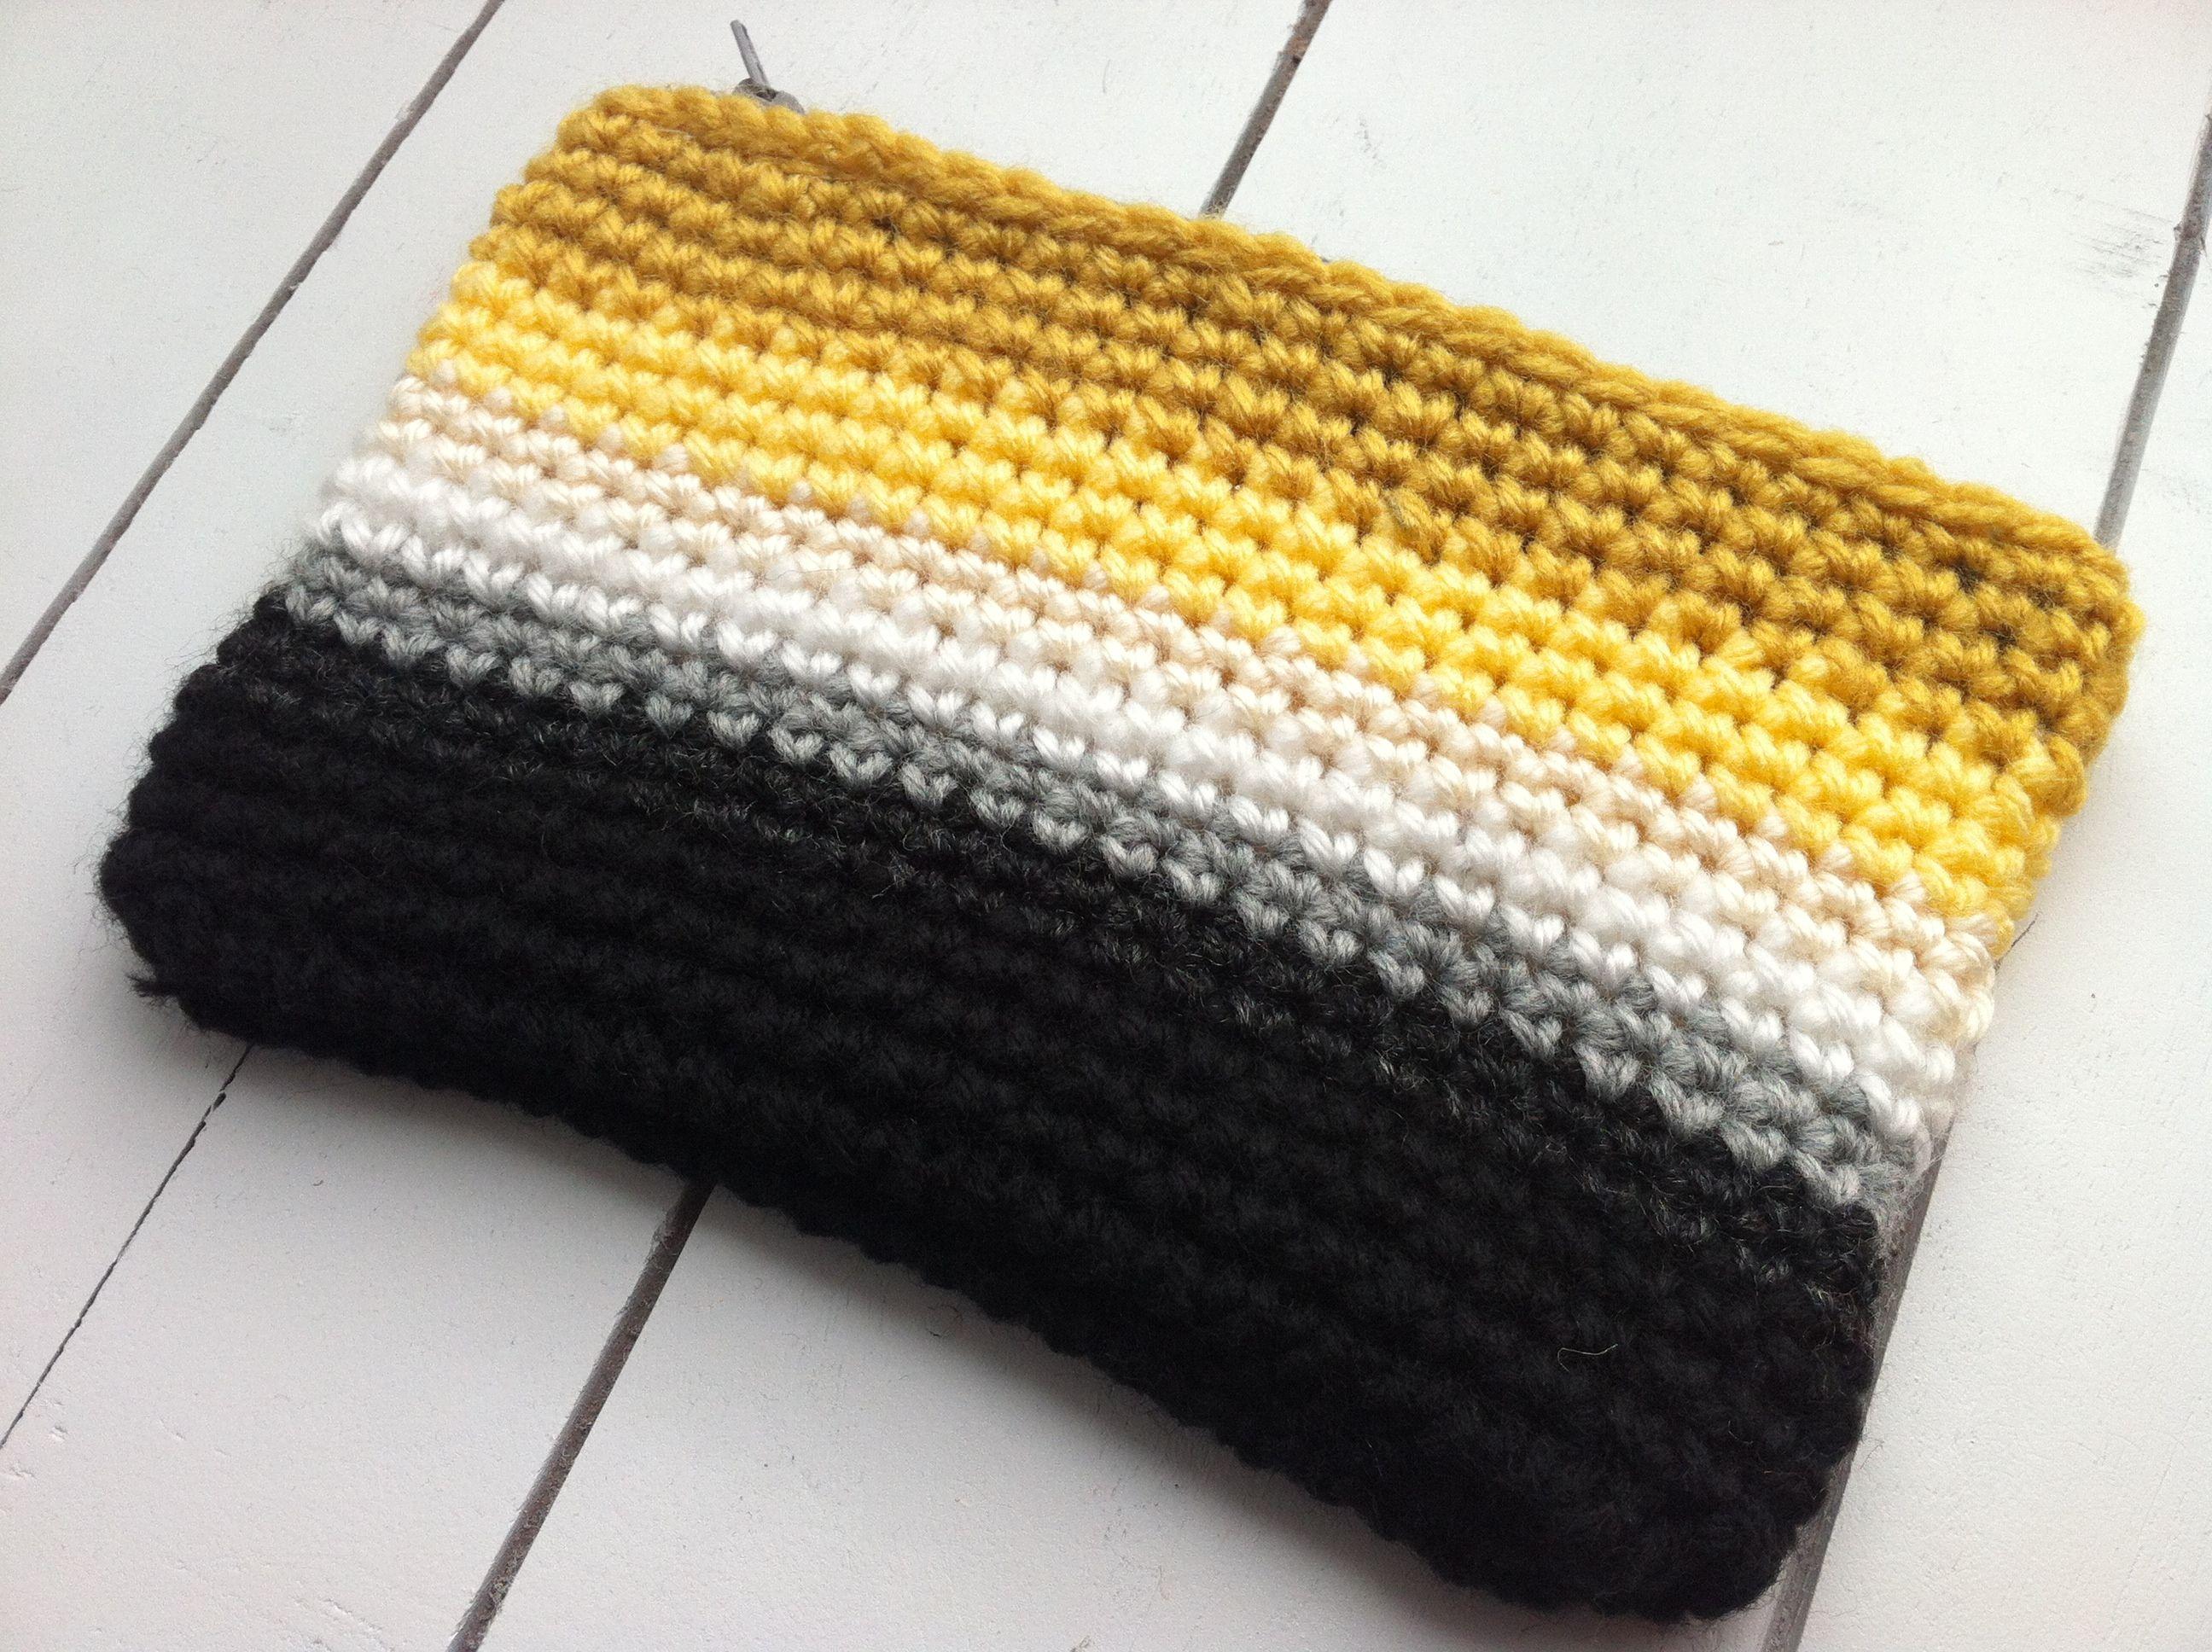 crochet ombre makeup bag   Knitting & Crochet   Pinterest